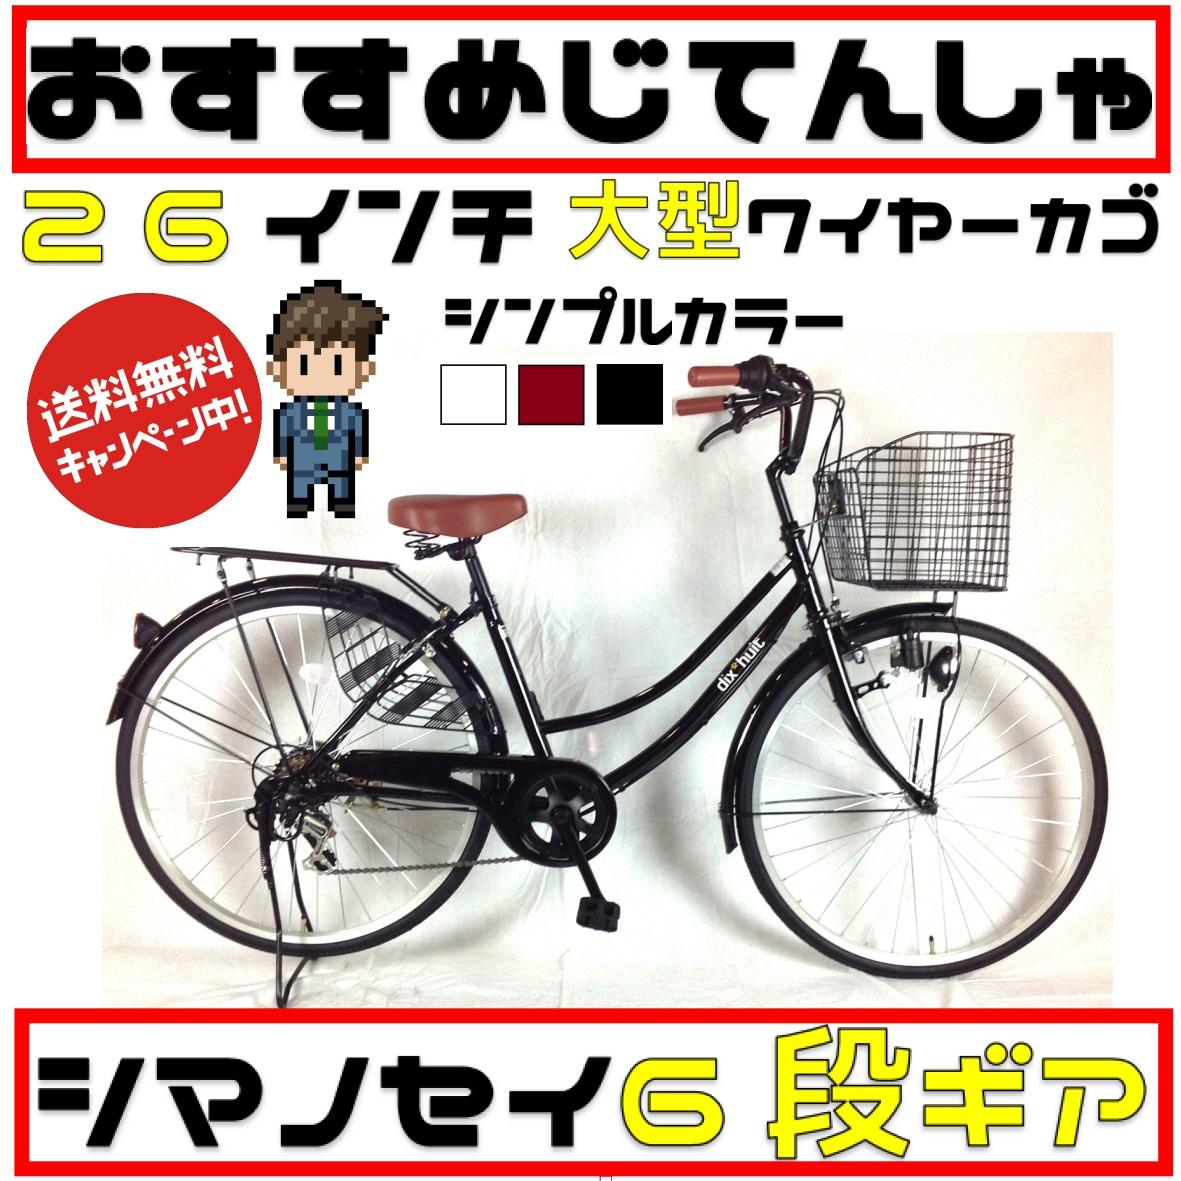 自転車 デザインフレームで人気 サントラスト ママチャリ 自転車 ブラック 黒色 dixhuit 6段変速ギアフレーム 26インチ ギア付 鍵付 シティサイクル 通販 おしゃれ